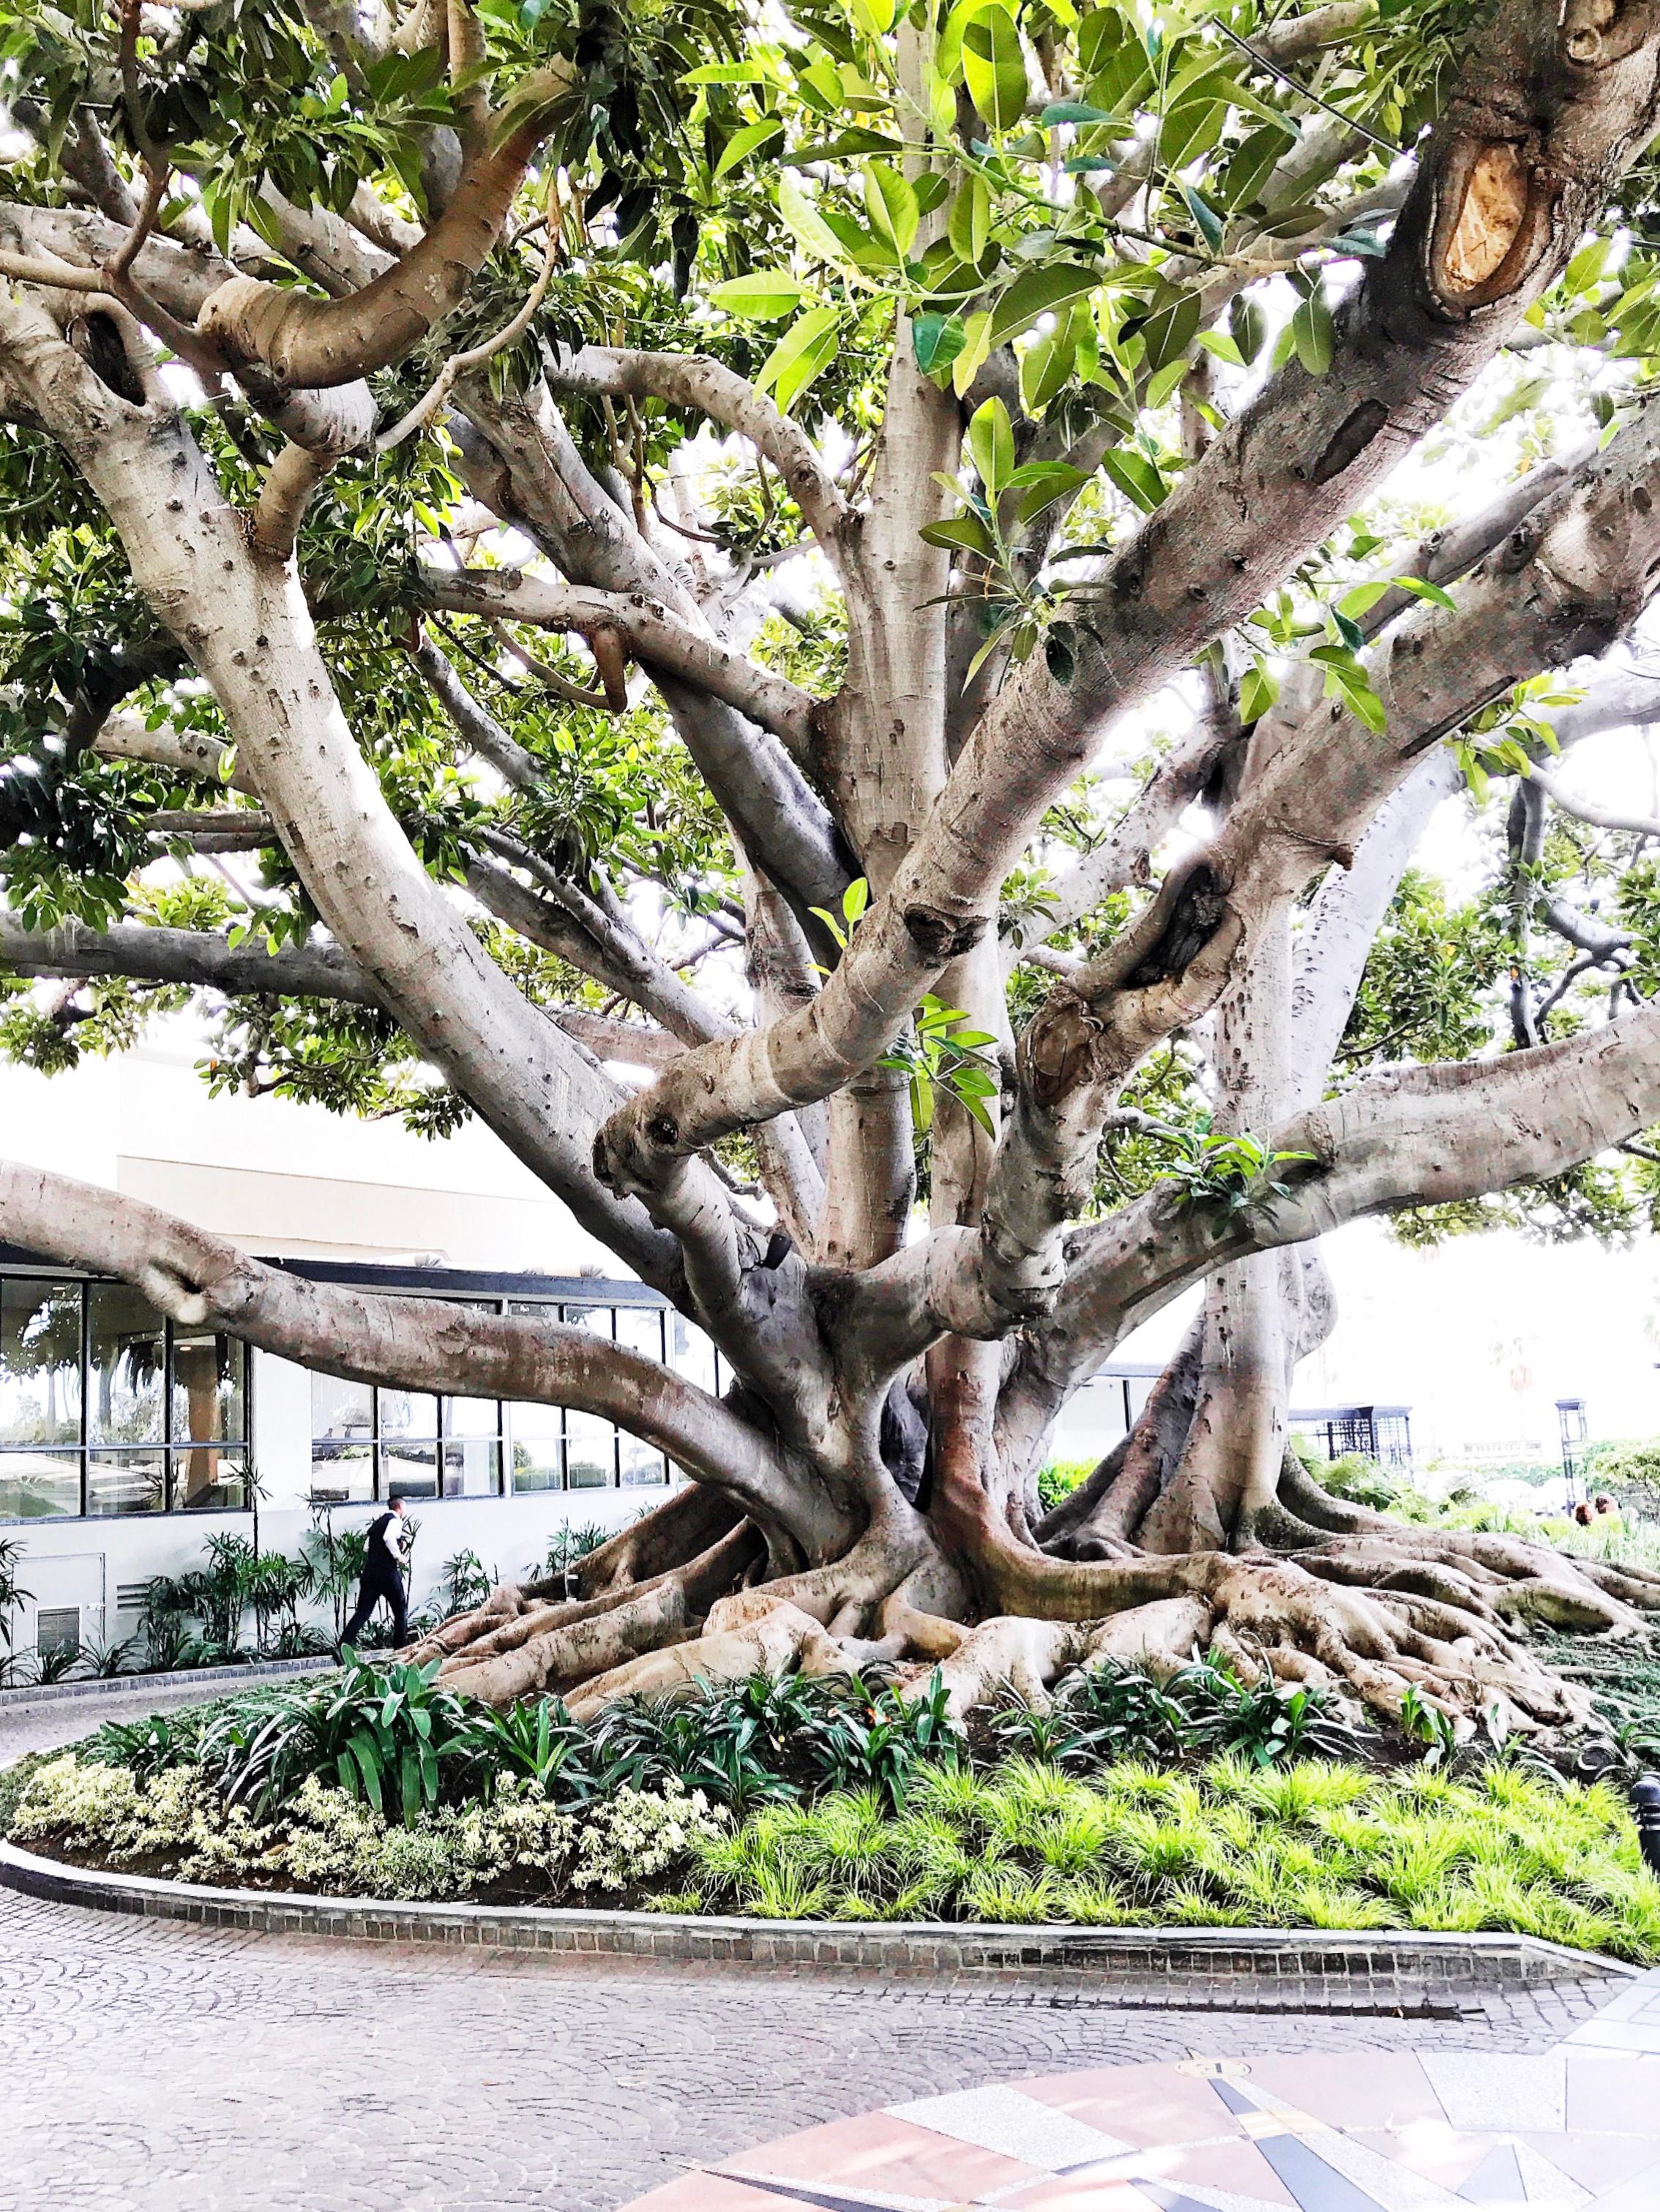 The Moreton Bay Fig tree